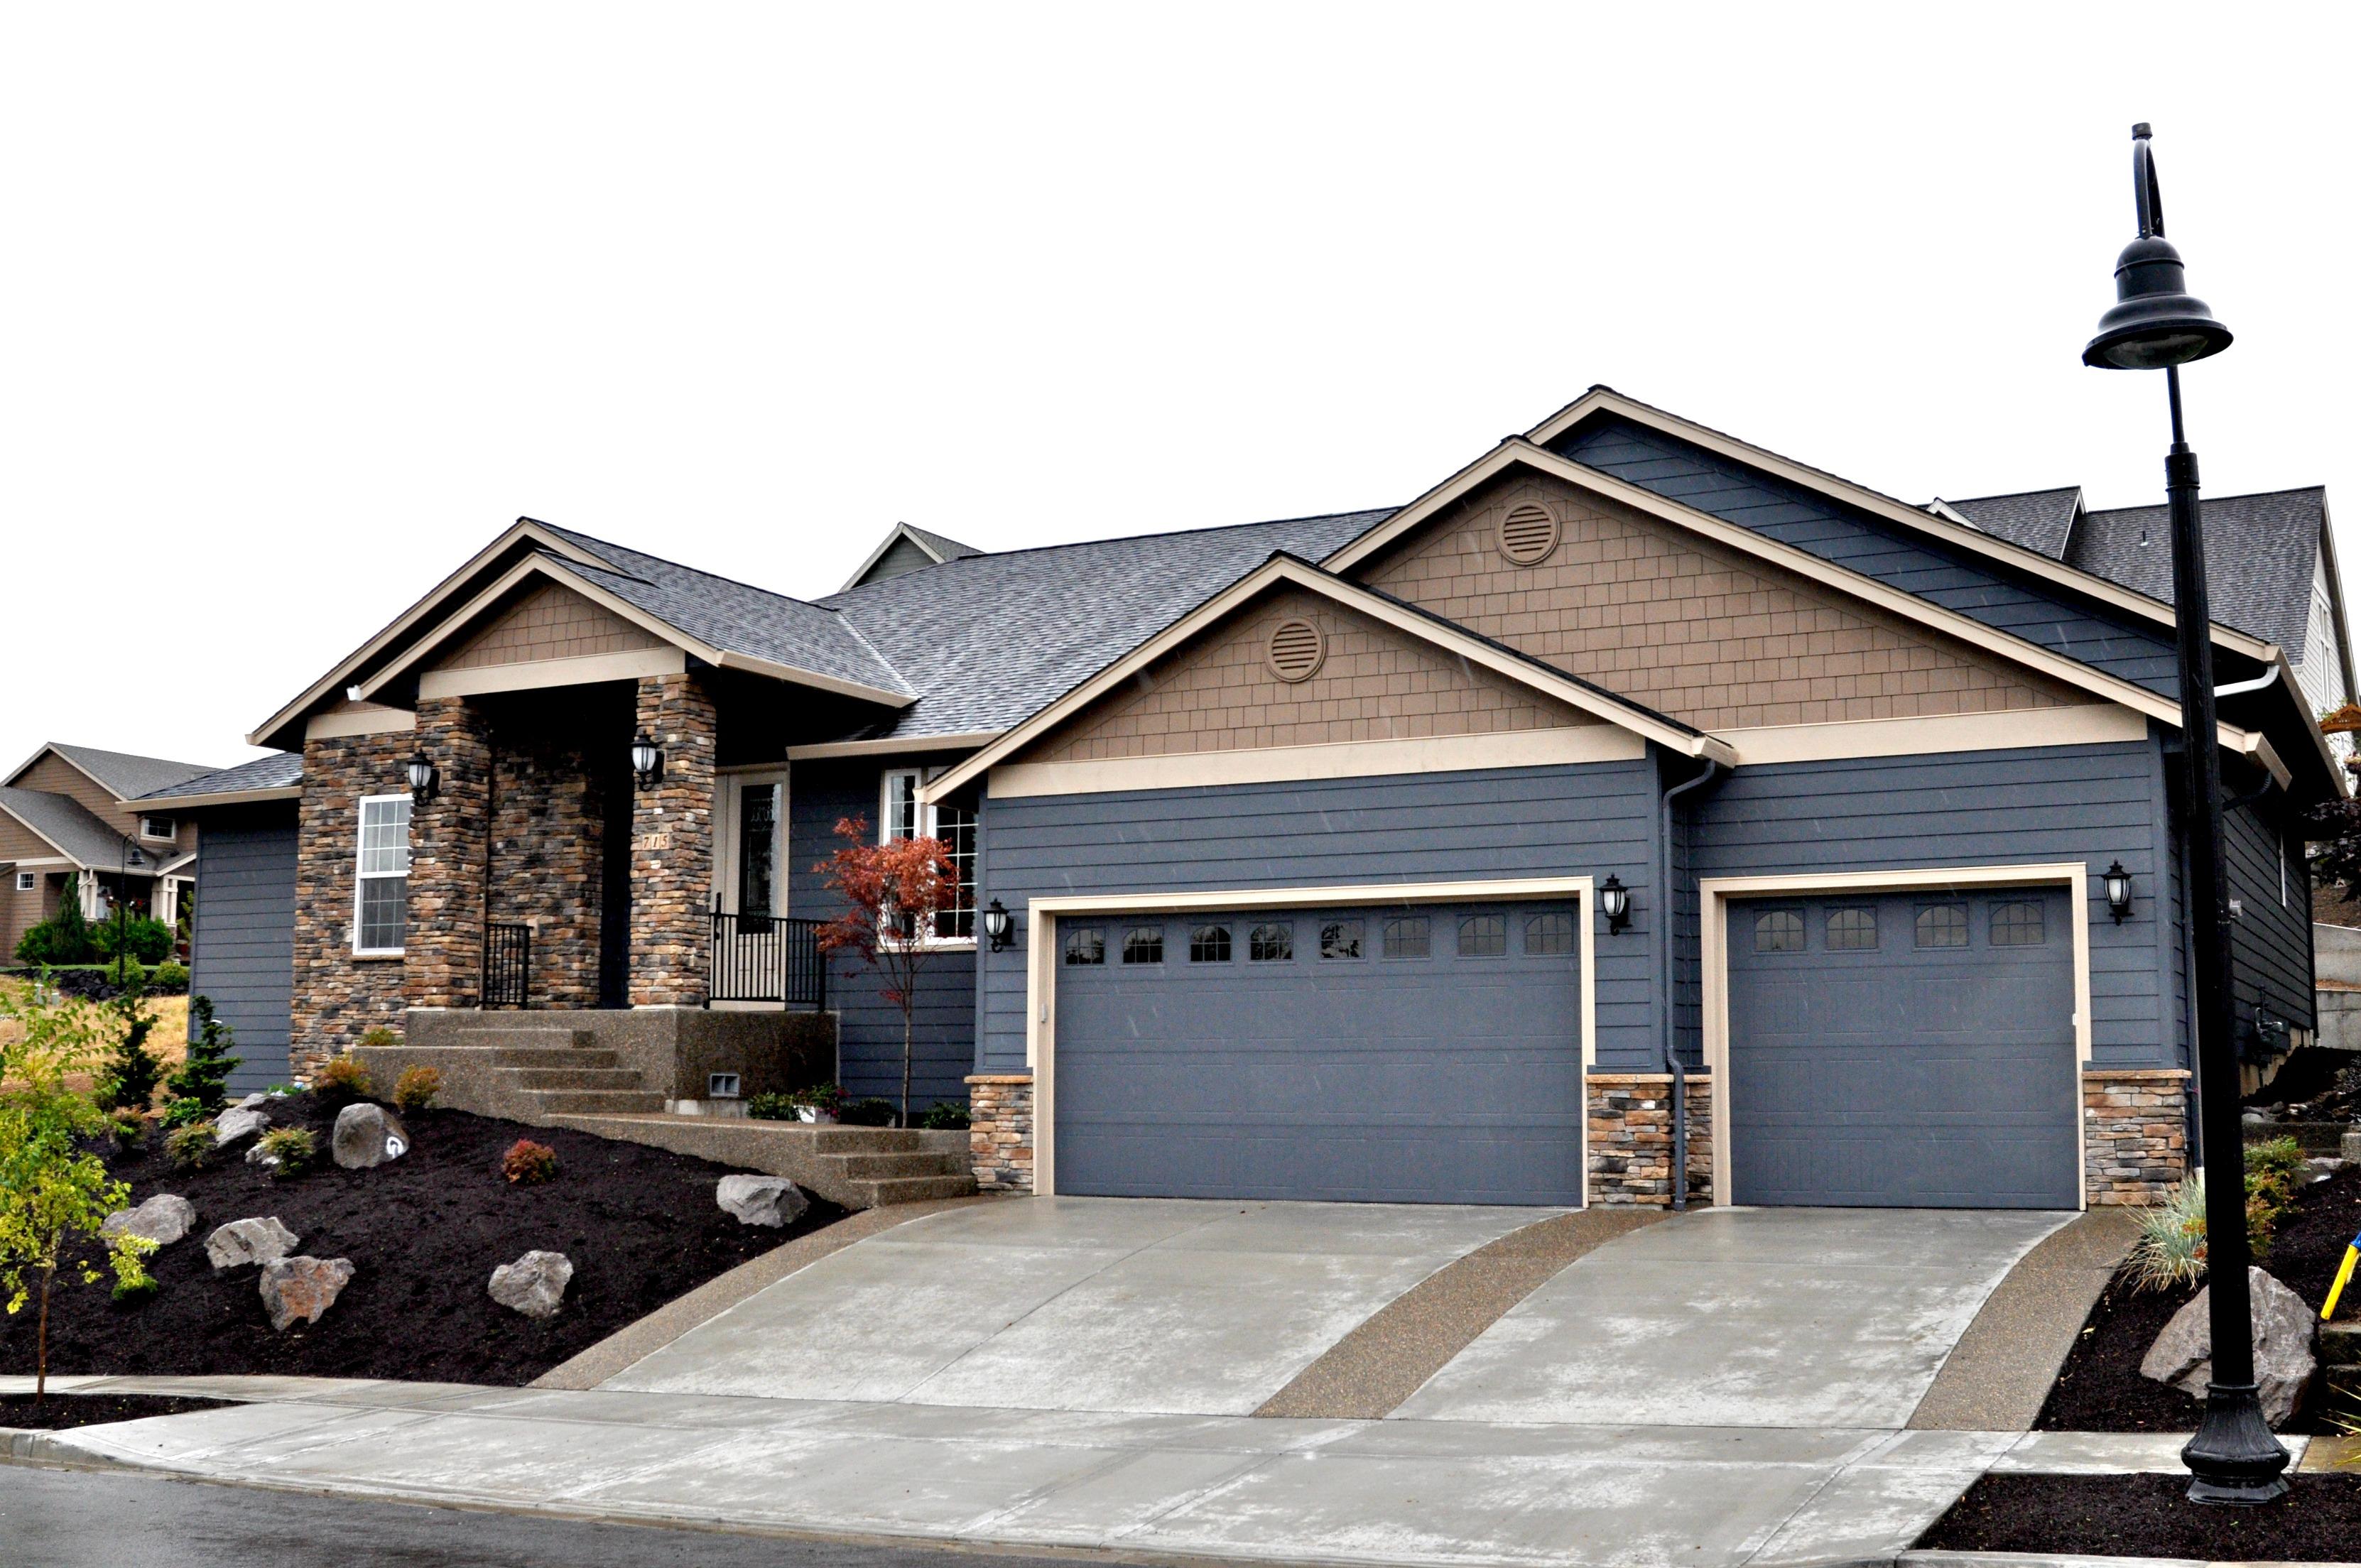 Mill Plain, Washington - Clark County, Washington - Custom Home Construction